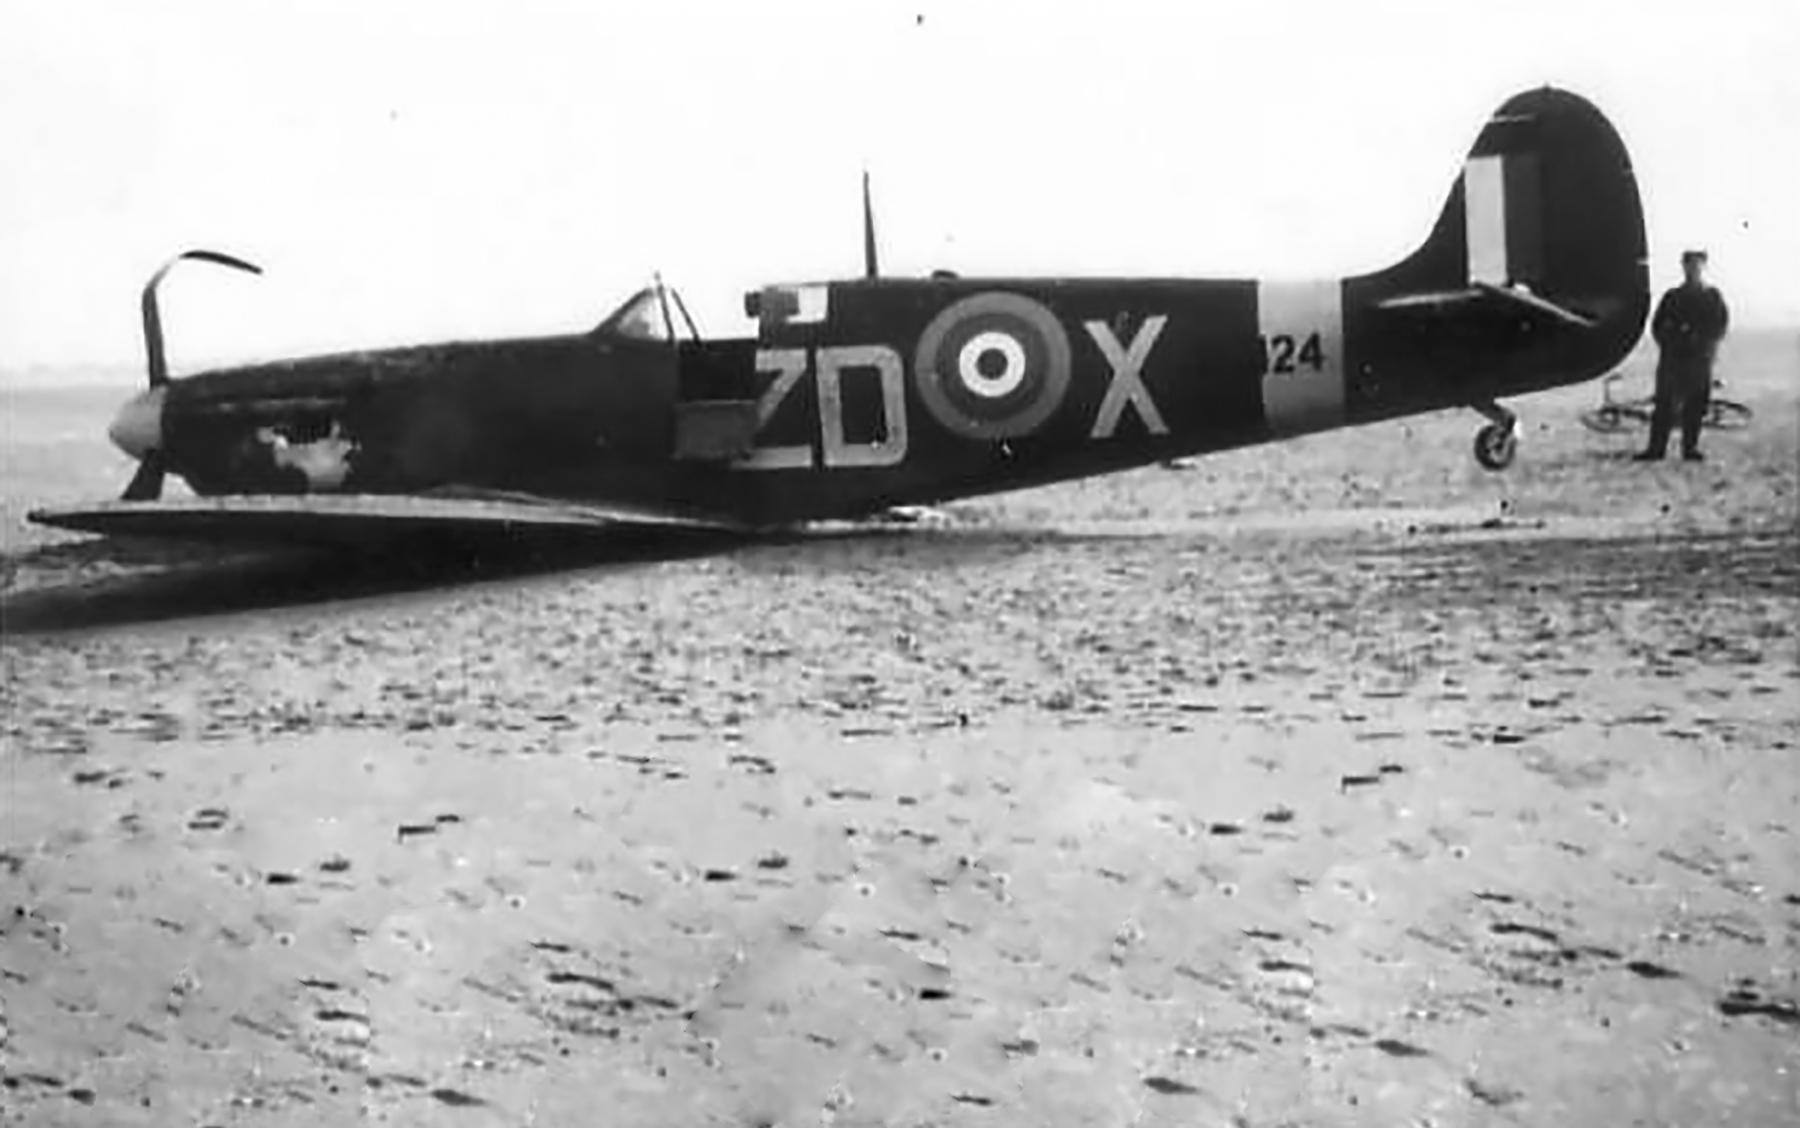 Spitfire MkVb RAF 222Sqn ZDX xx424 force landed 01